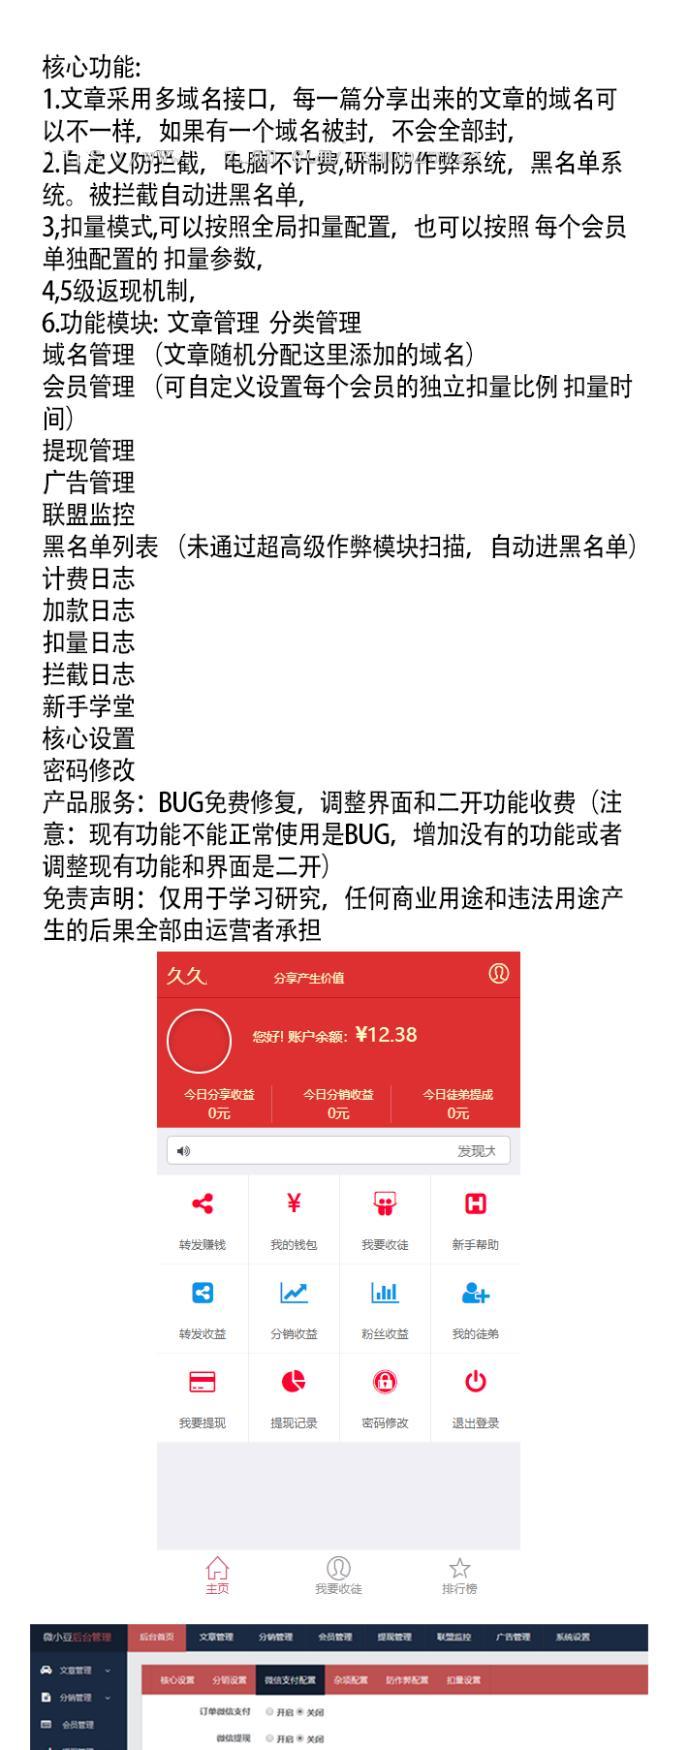 微信朋友圈文章转发分享赚钱系统源码下载,最新微小豆朋友圈分享赚钱系统源码